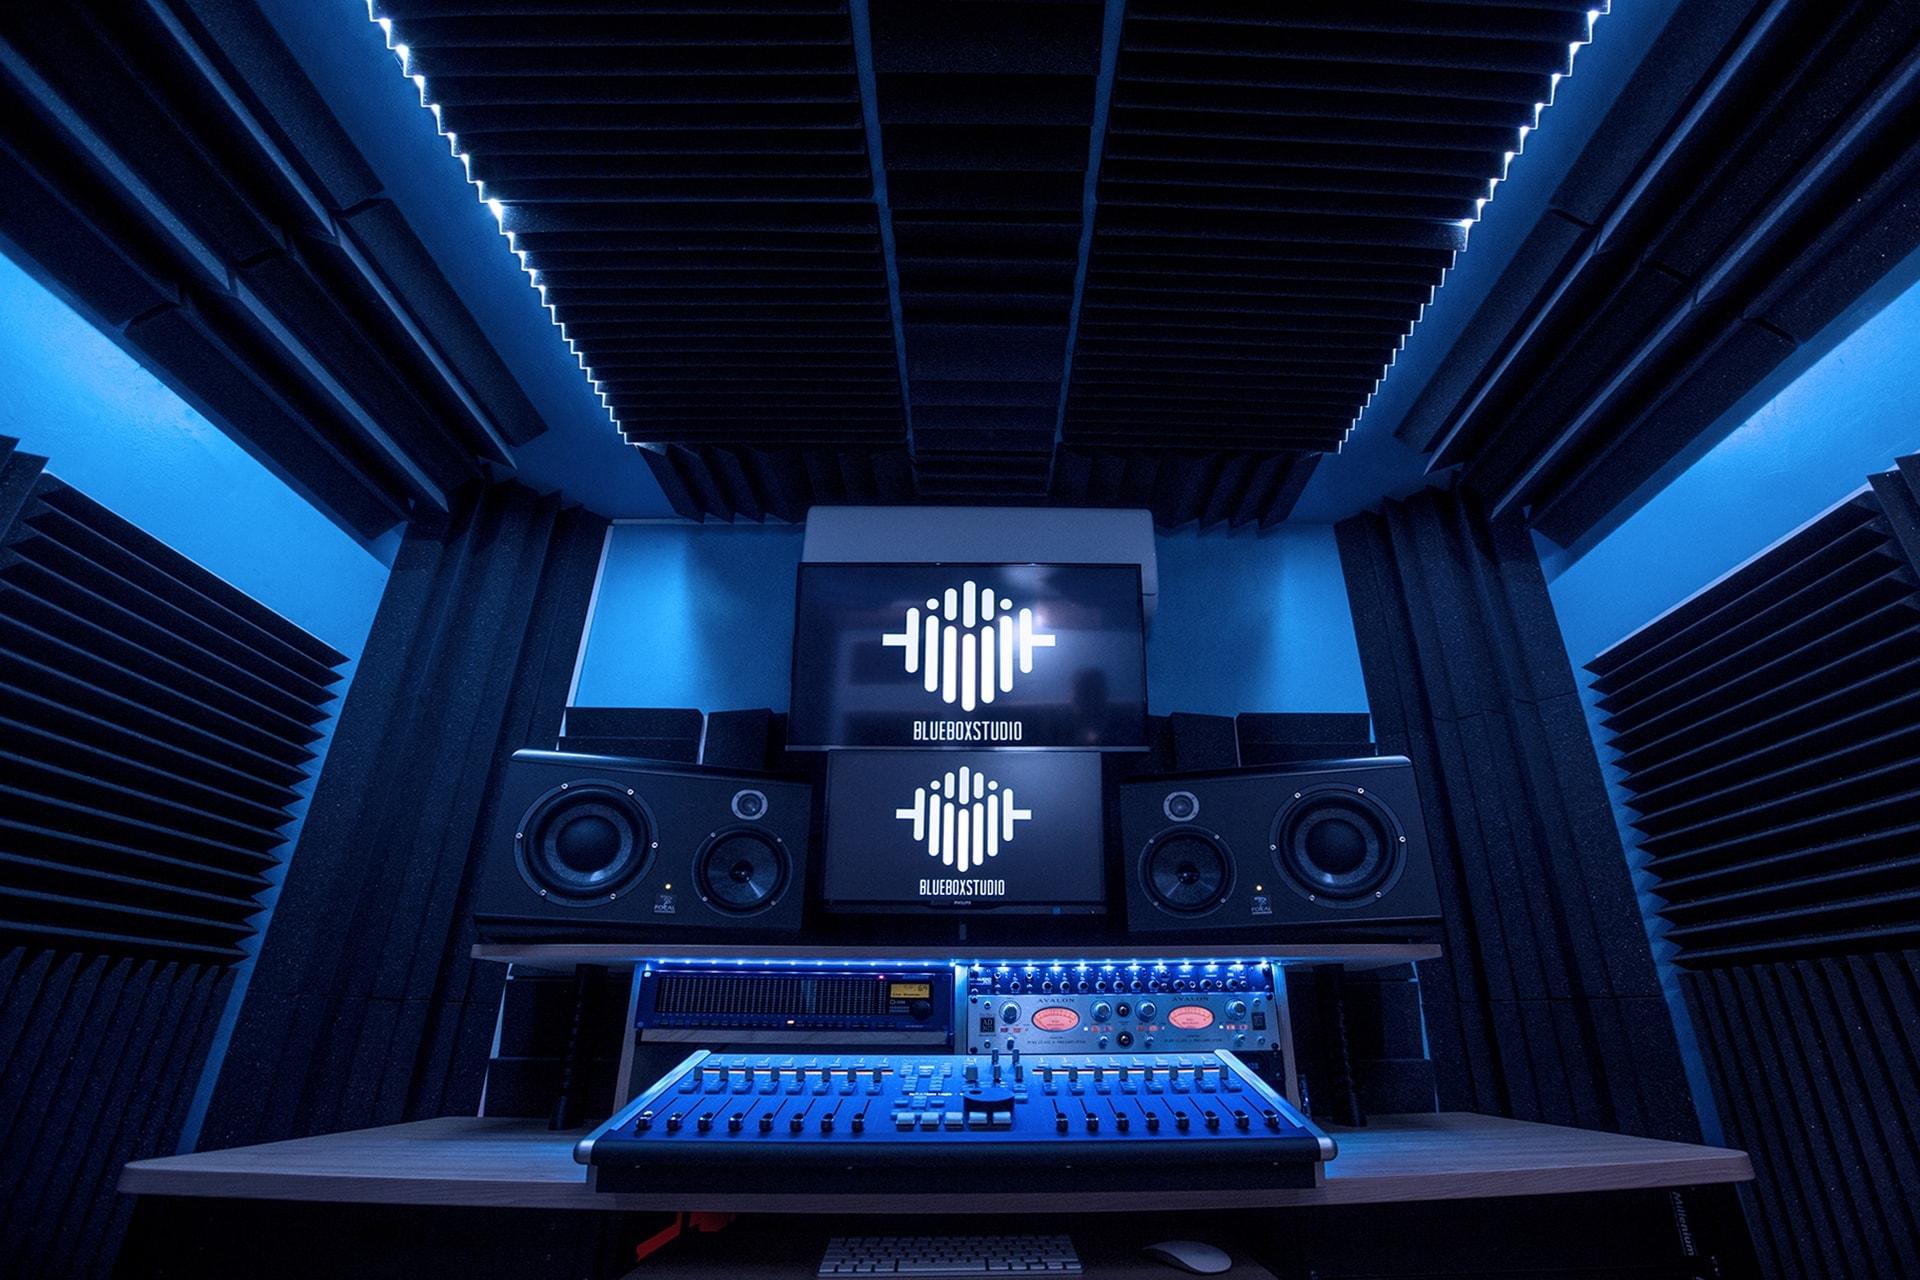 trattamento acustico studio di registrazione blue box